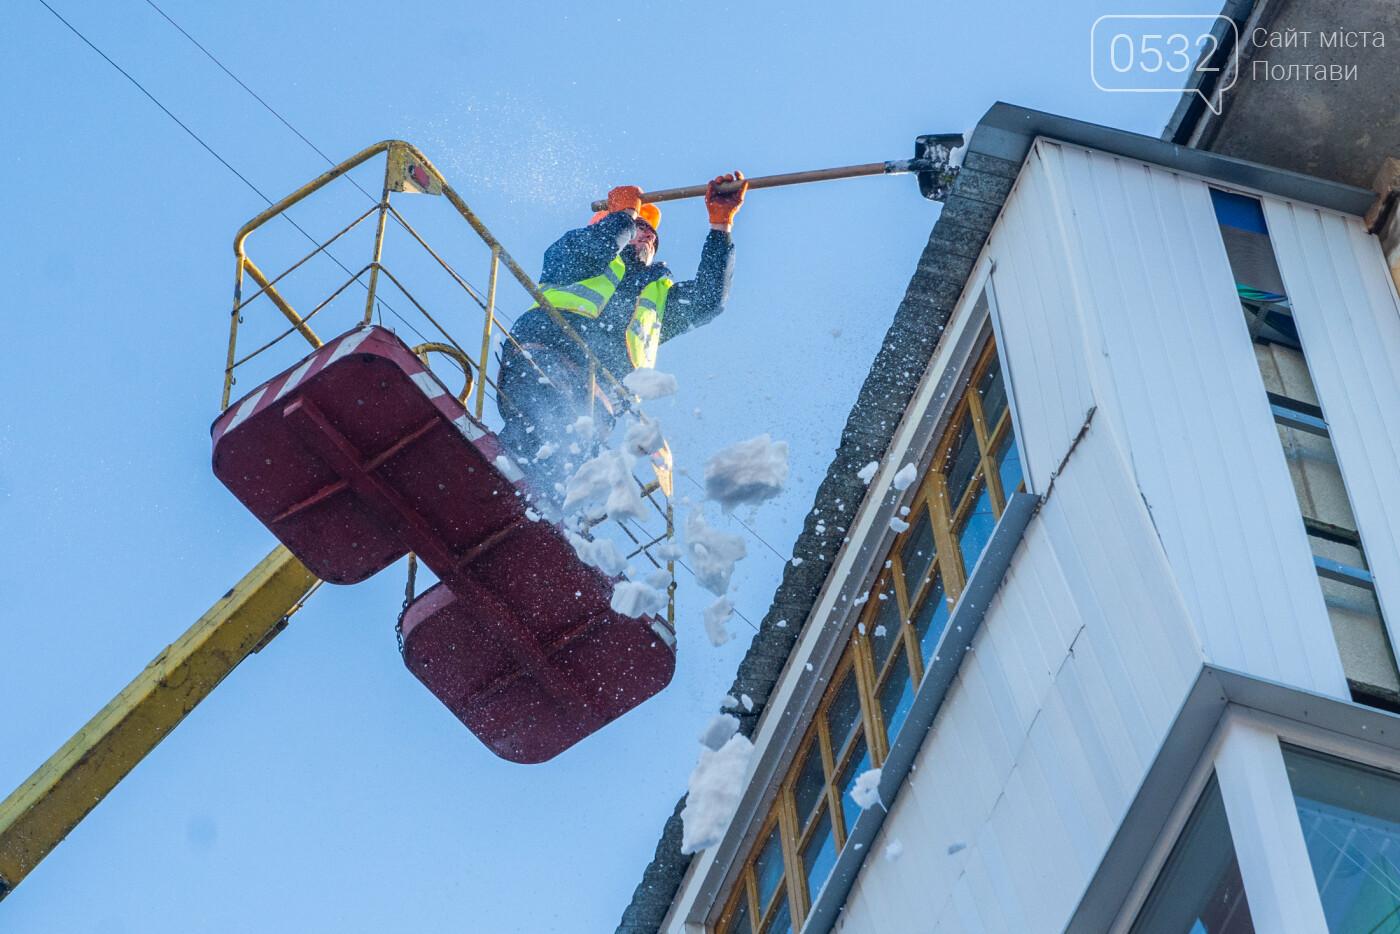 Полтавські комунальники очистили понад 20 будинків від бурульок, фото-1